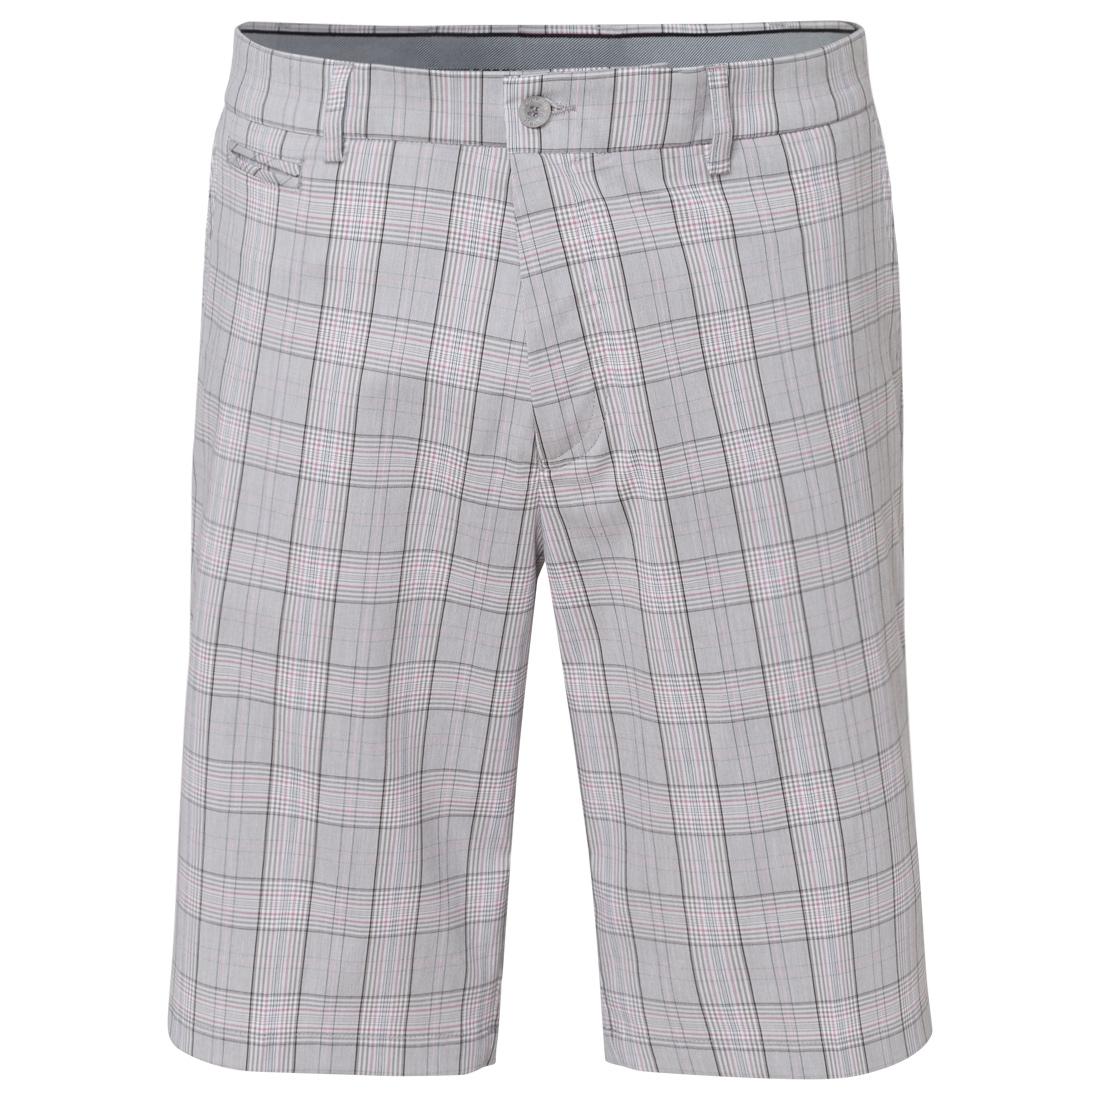 Golfbermudas für Herren mit leichtem Stretchelement